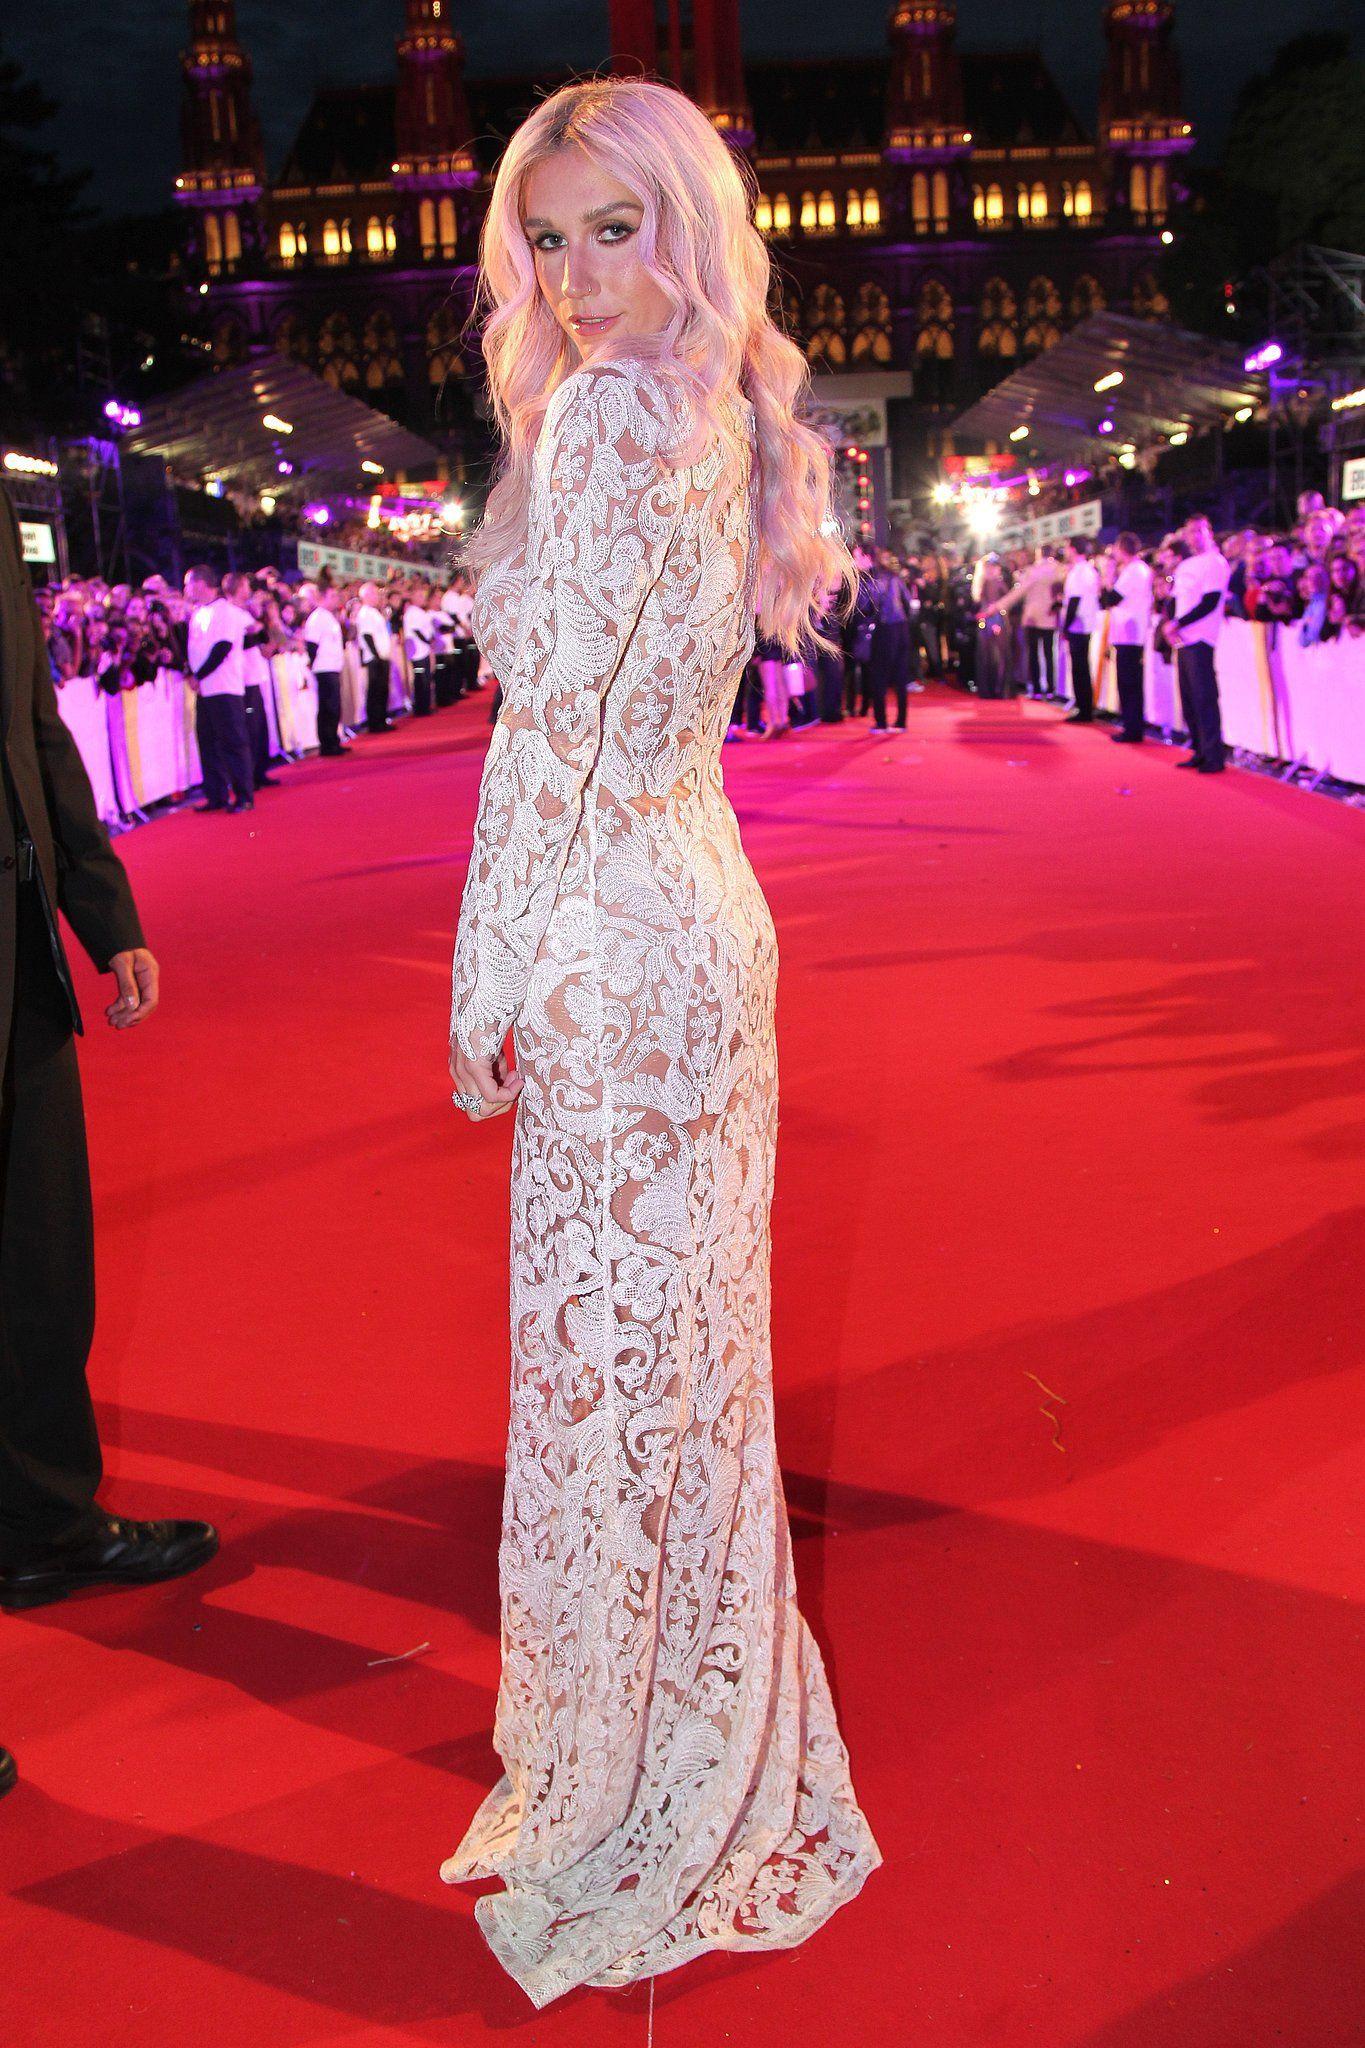 Blond Ambition Sheer Lace Dress Dresses Lace Dress [ 2048 x 1365 Pixel ]